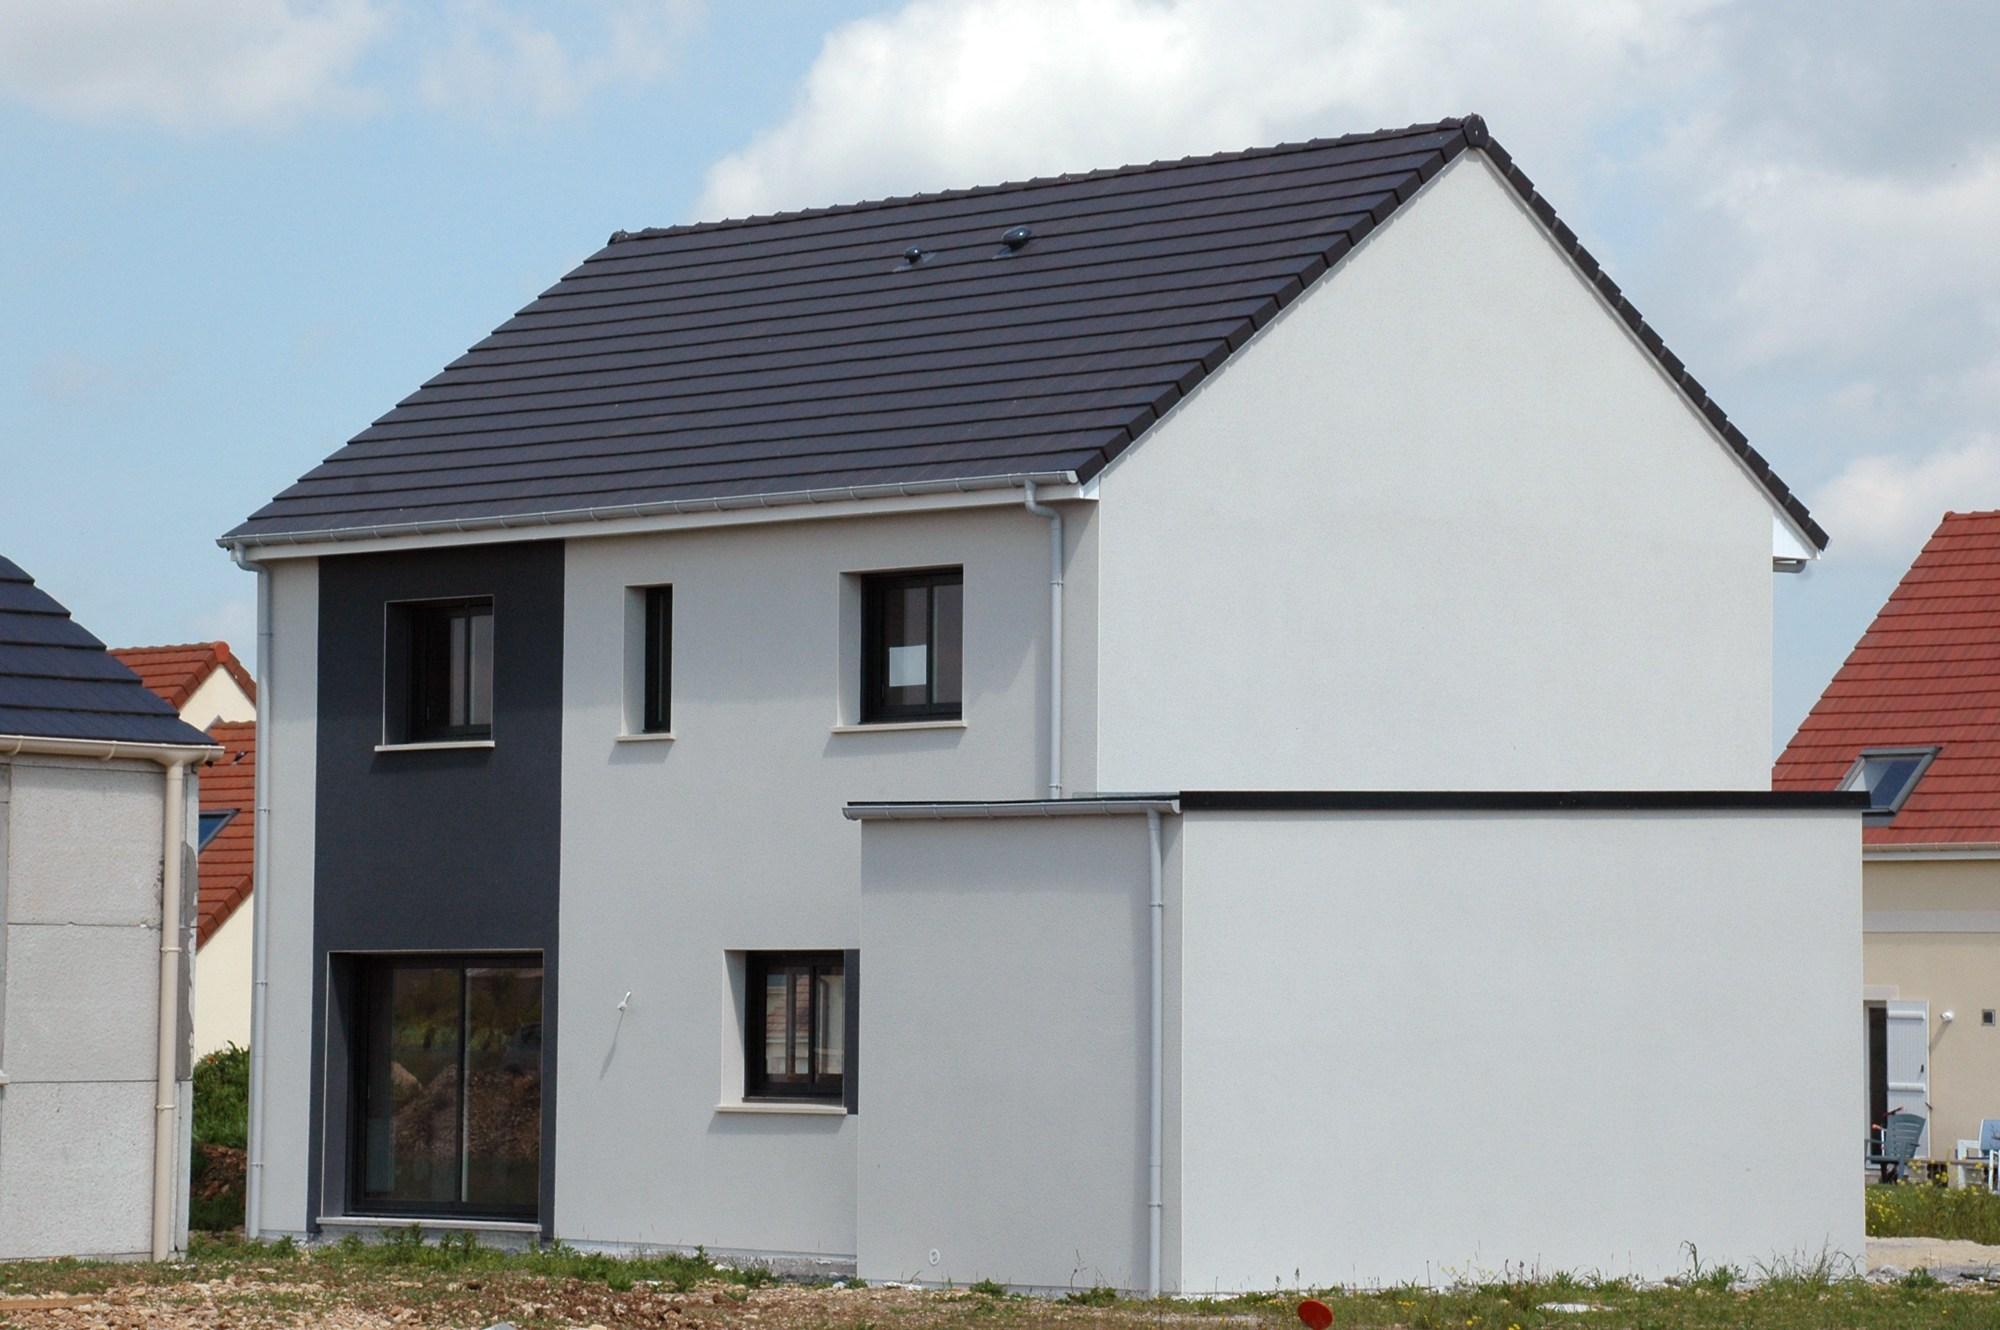 Maisons + Terrains du constructeur MAISON FAMILIALE RENNES • 130 m² • BAIS